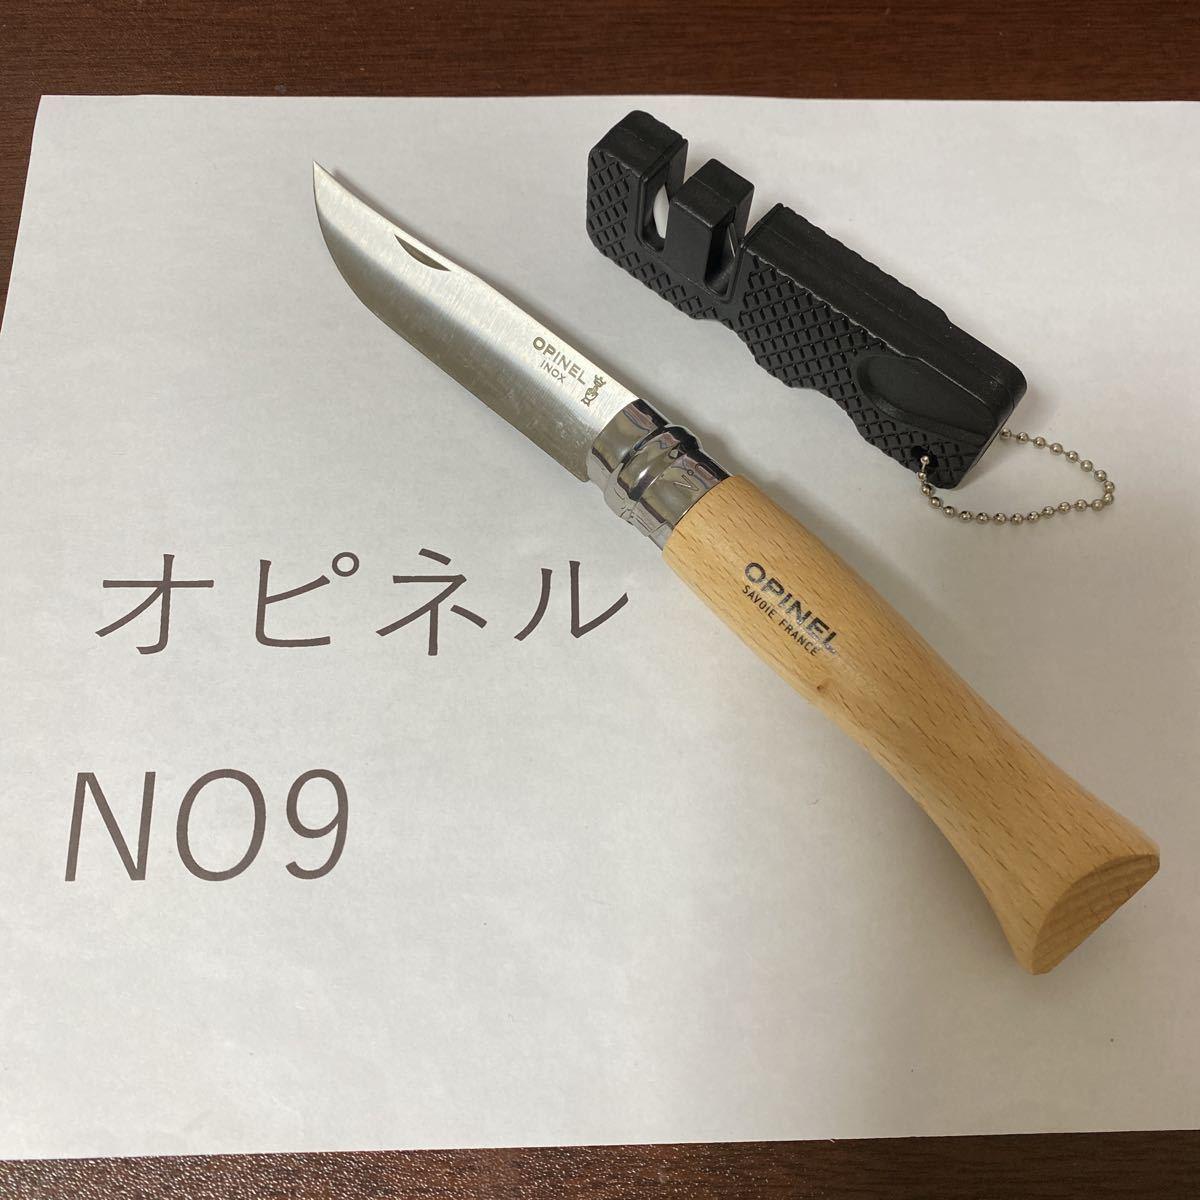 オピネル OPINEL ステンレススチール no9 並行輸入品 シャープナー